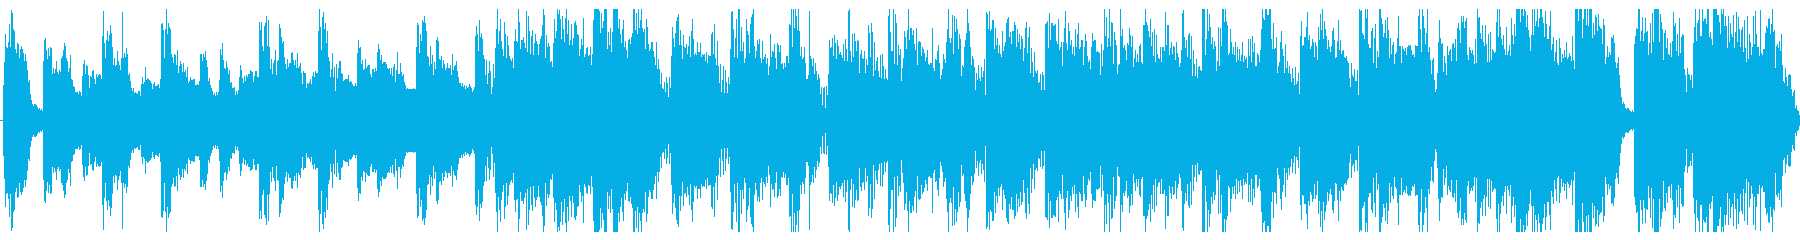 出囃子ロックCM用横ノリオープニングの再生済みの波形